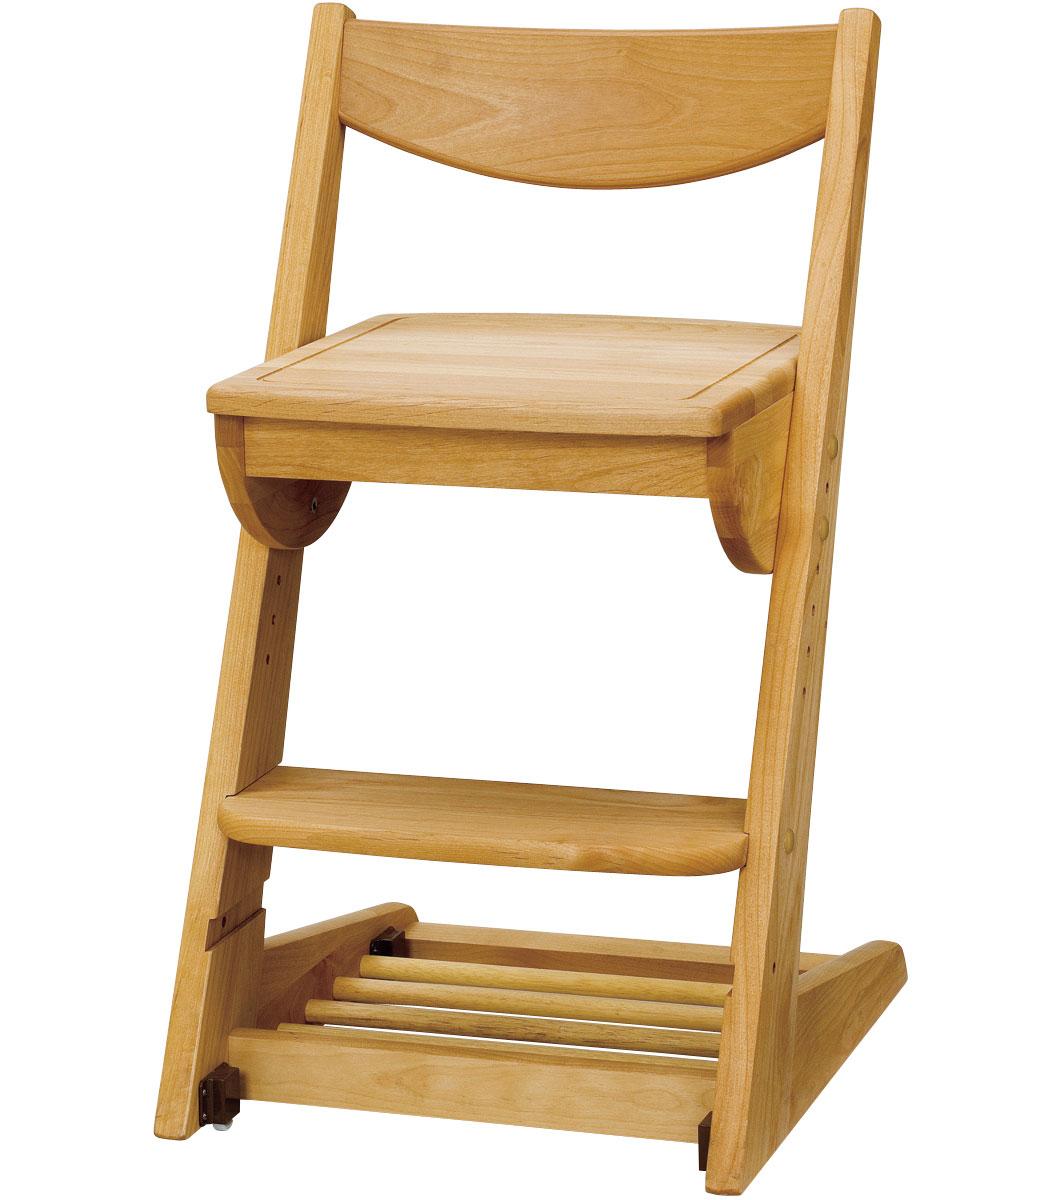 日本製 木の温もりと環境に優しいチェア♪ 健康家具 自然塗料 送料無料 【学習机】【Duckデスク】 堀田木工【PR1】子ども 椅子 子供椅子  No2[G2]【QSM-200】